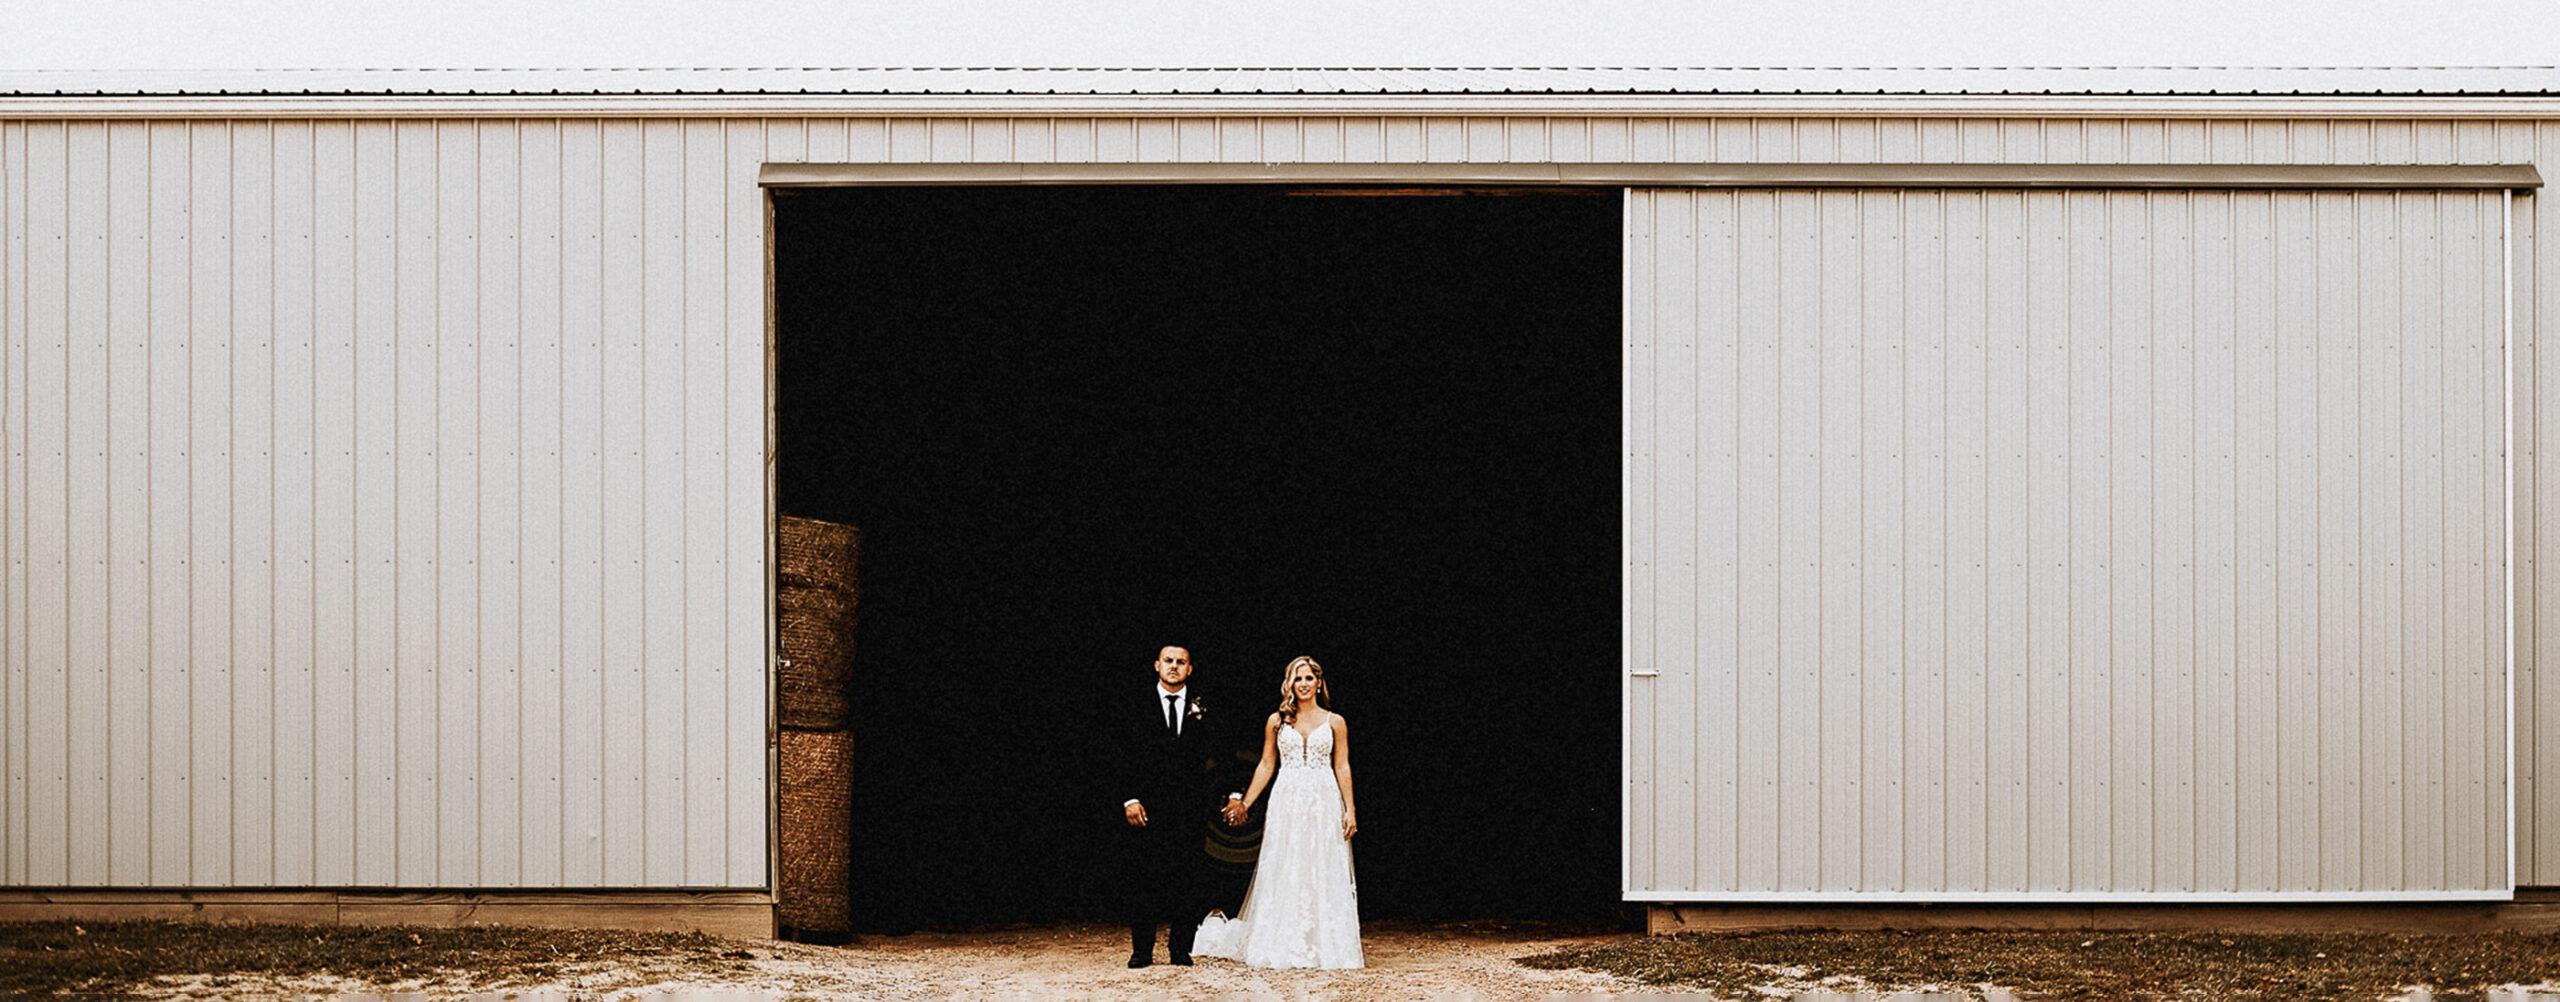 Family Farm Wedding   Brianna & Steve